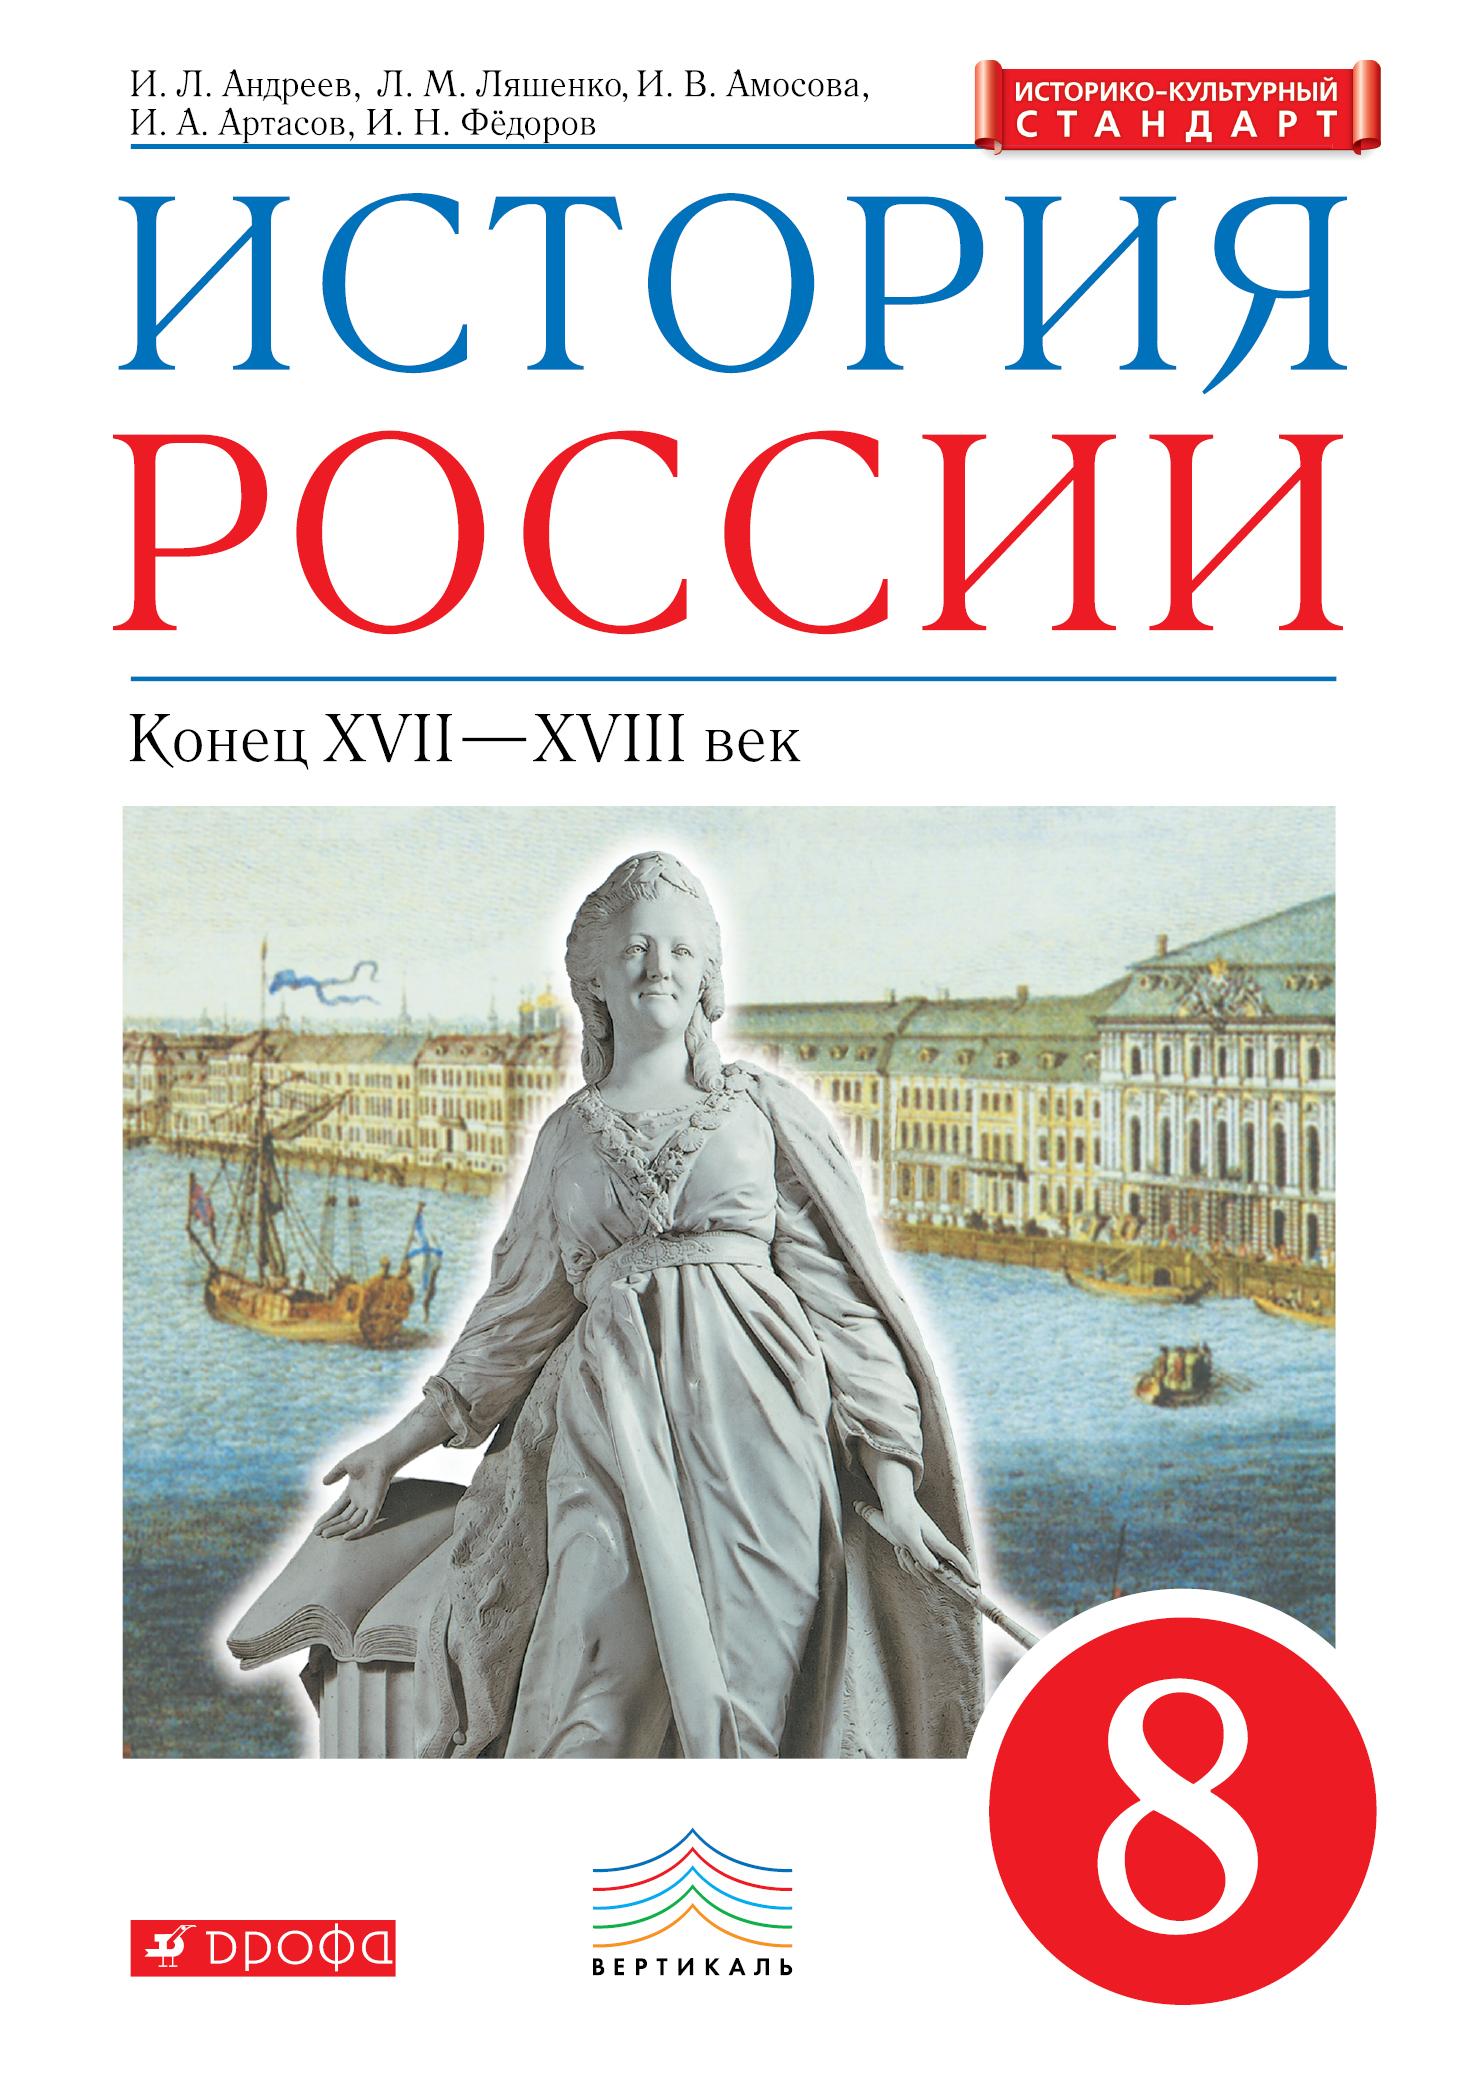 Читать книгу история учебник 8 класс история россии